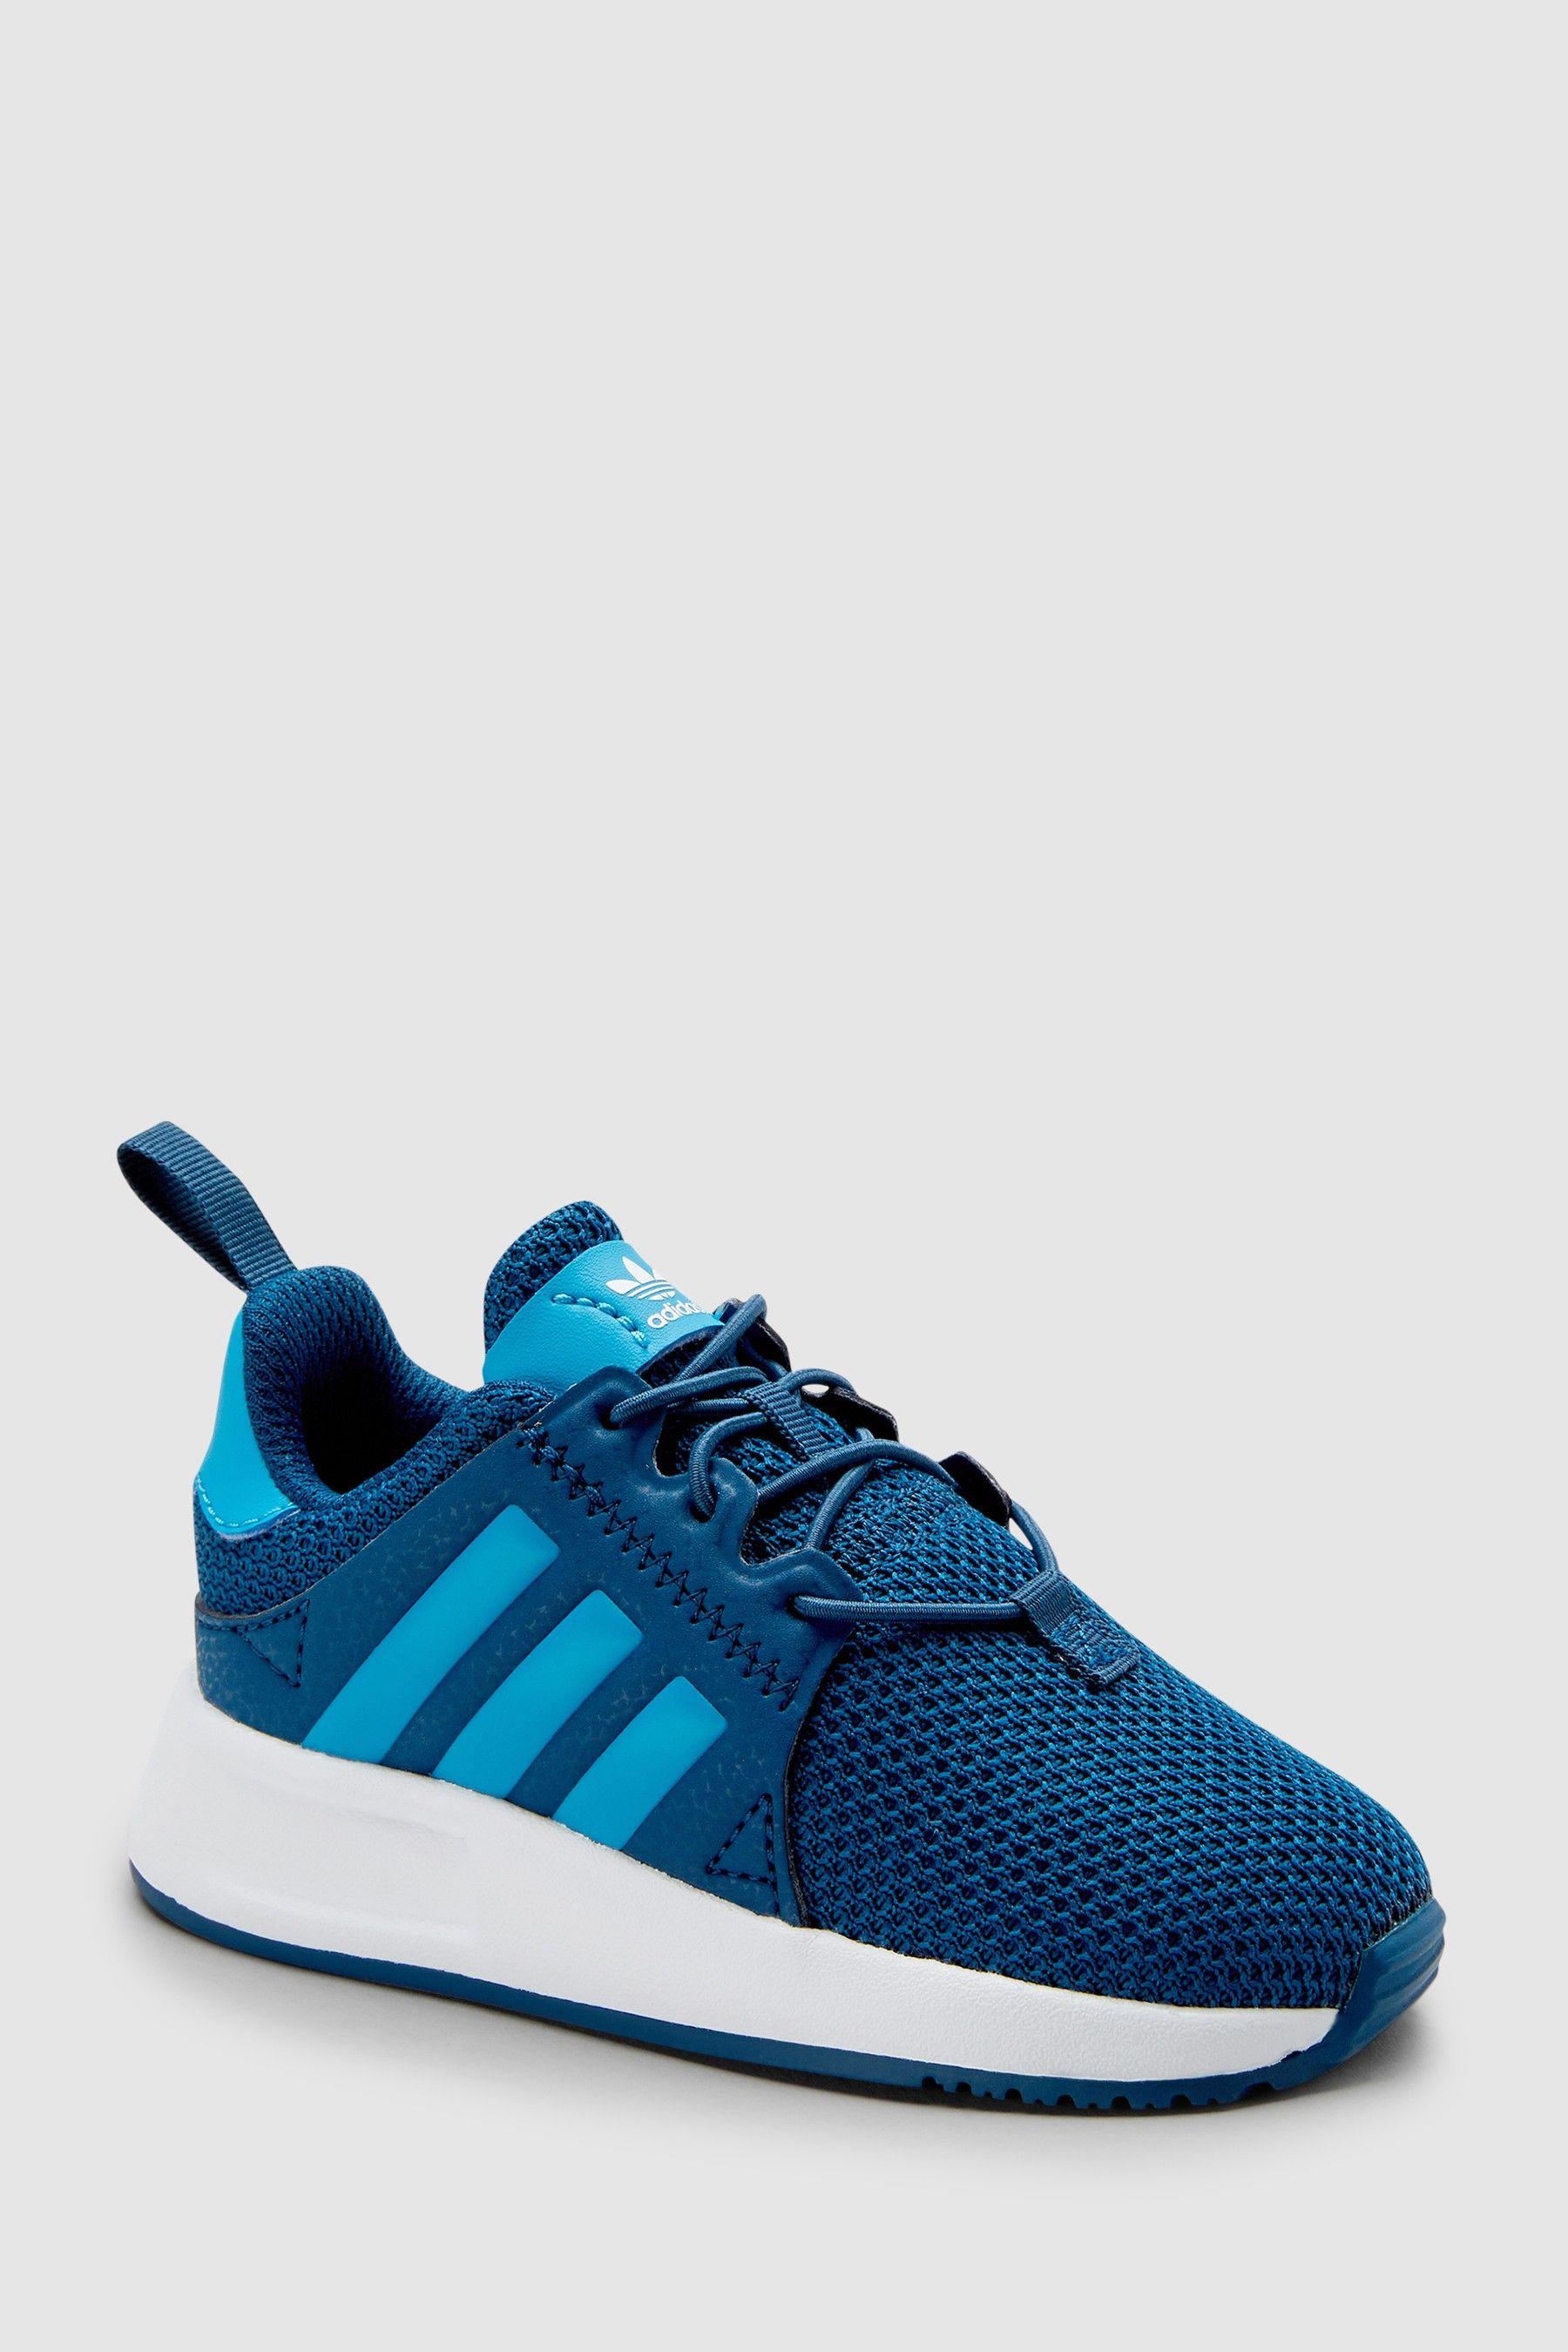 Boys adidas XPLR Infant Blue | Products in 2019 | Adidas